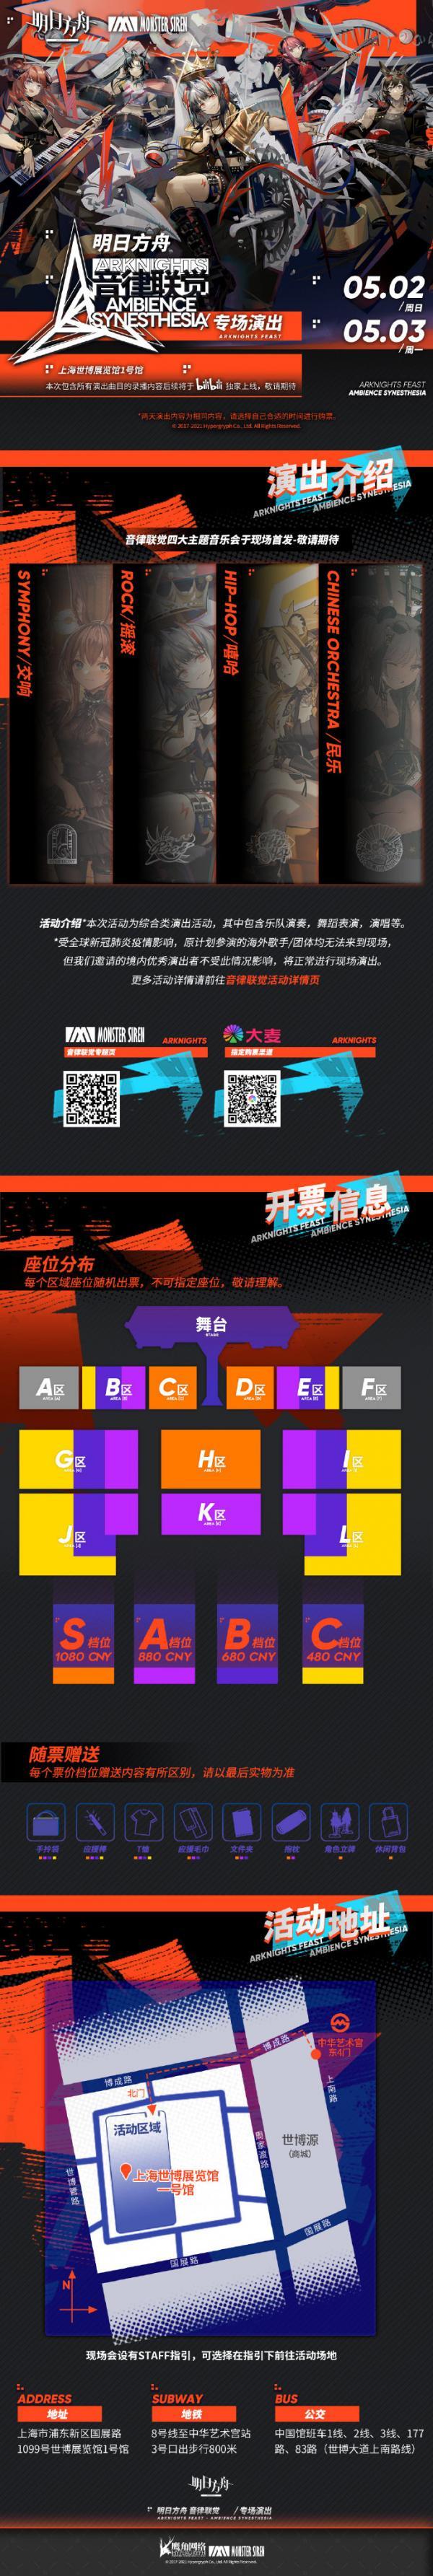 明日方舟音律联觉专场演出4月9日20:00开启售票